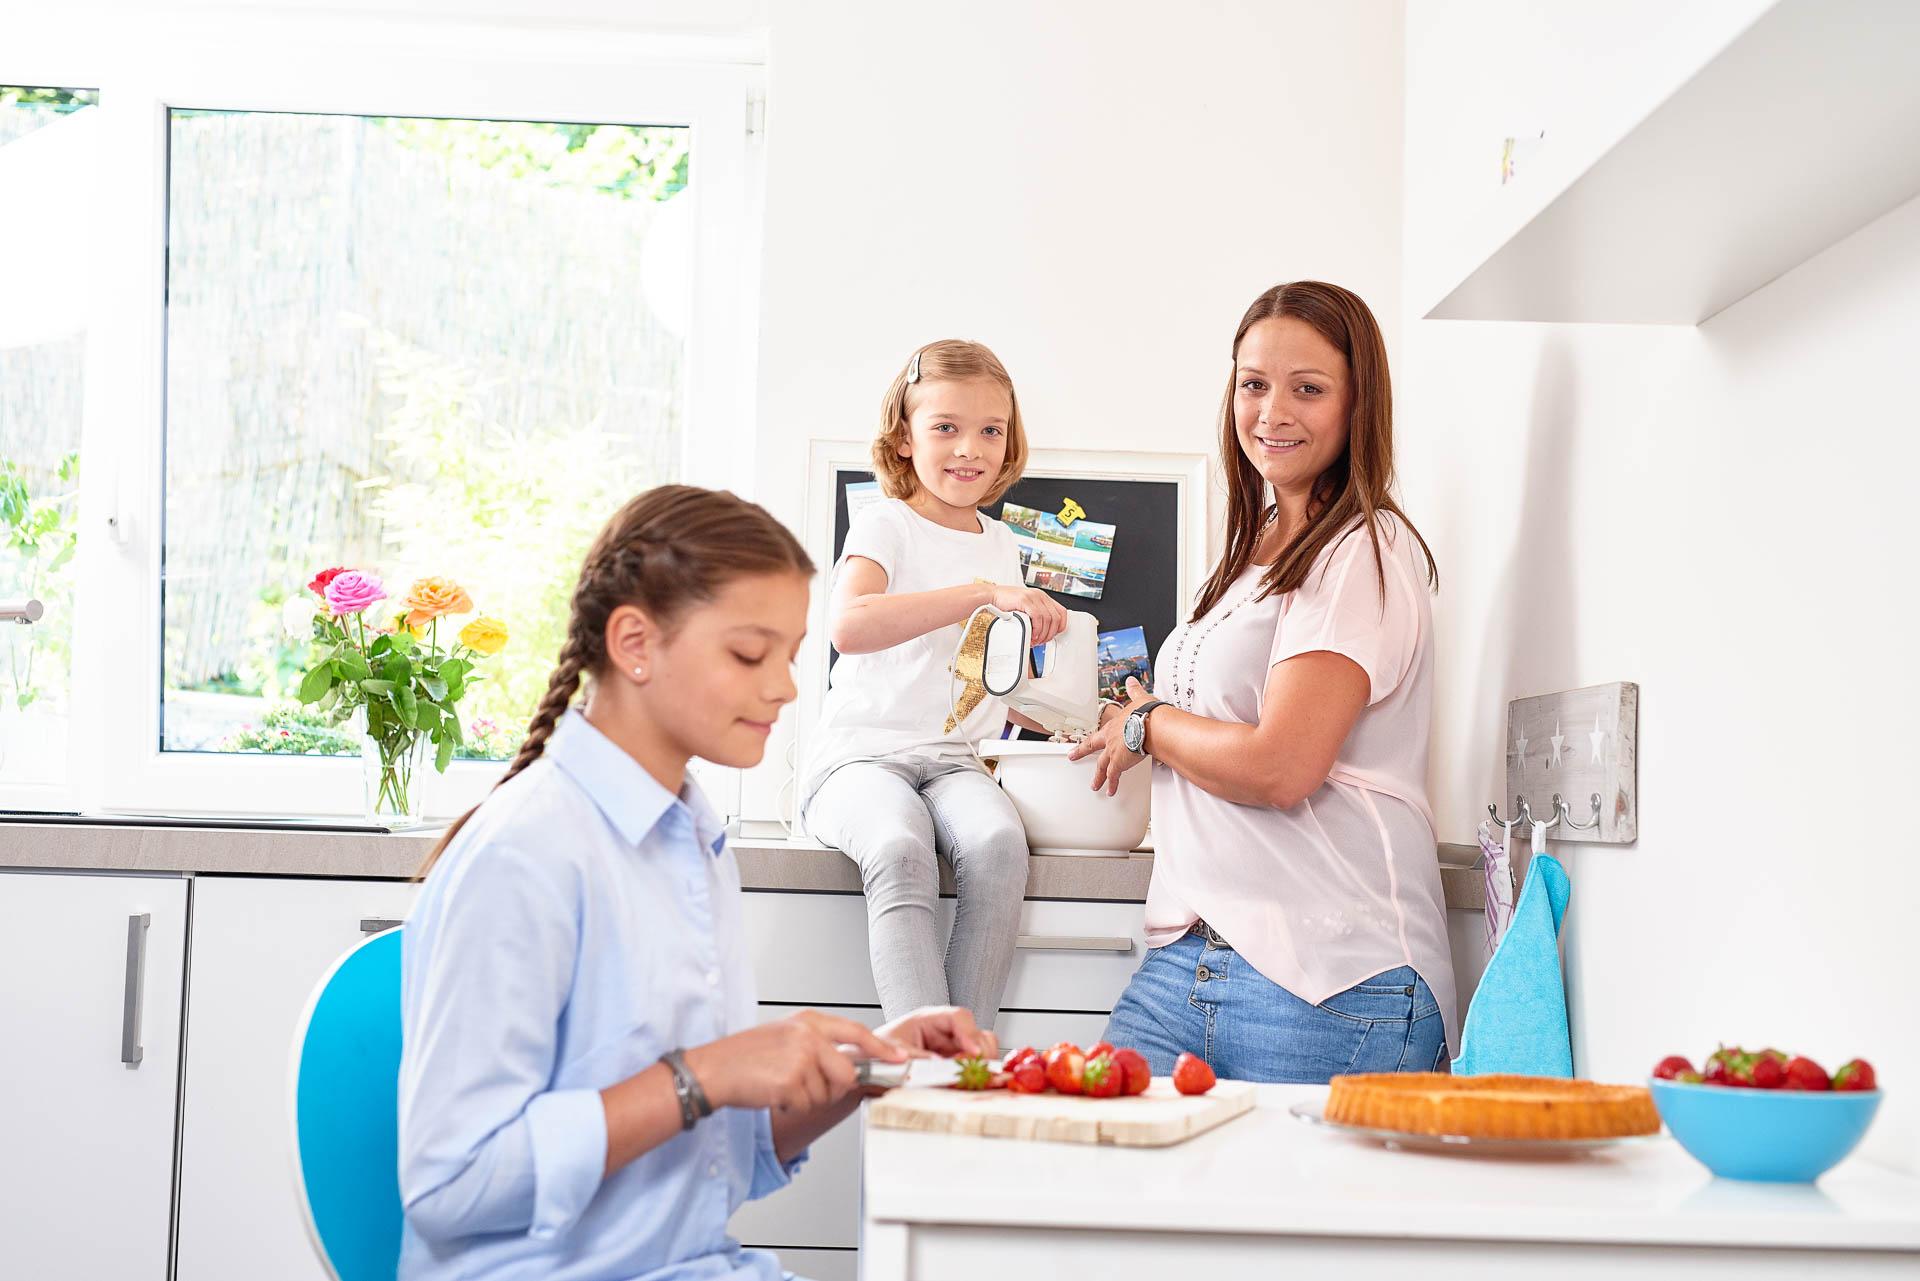 Werbekampagne Annual Report Portrait einer Familie